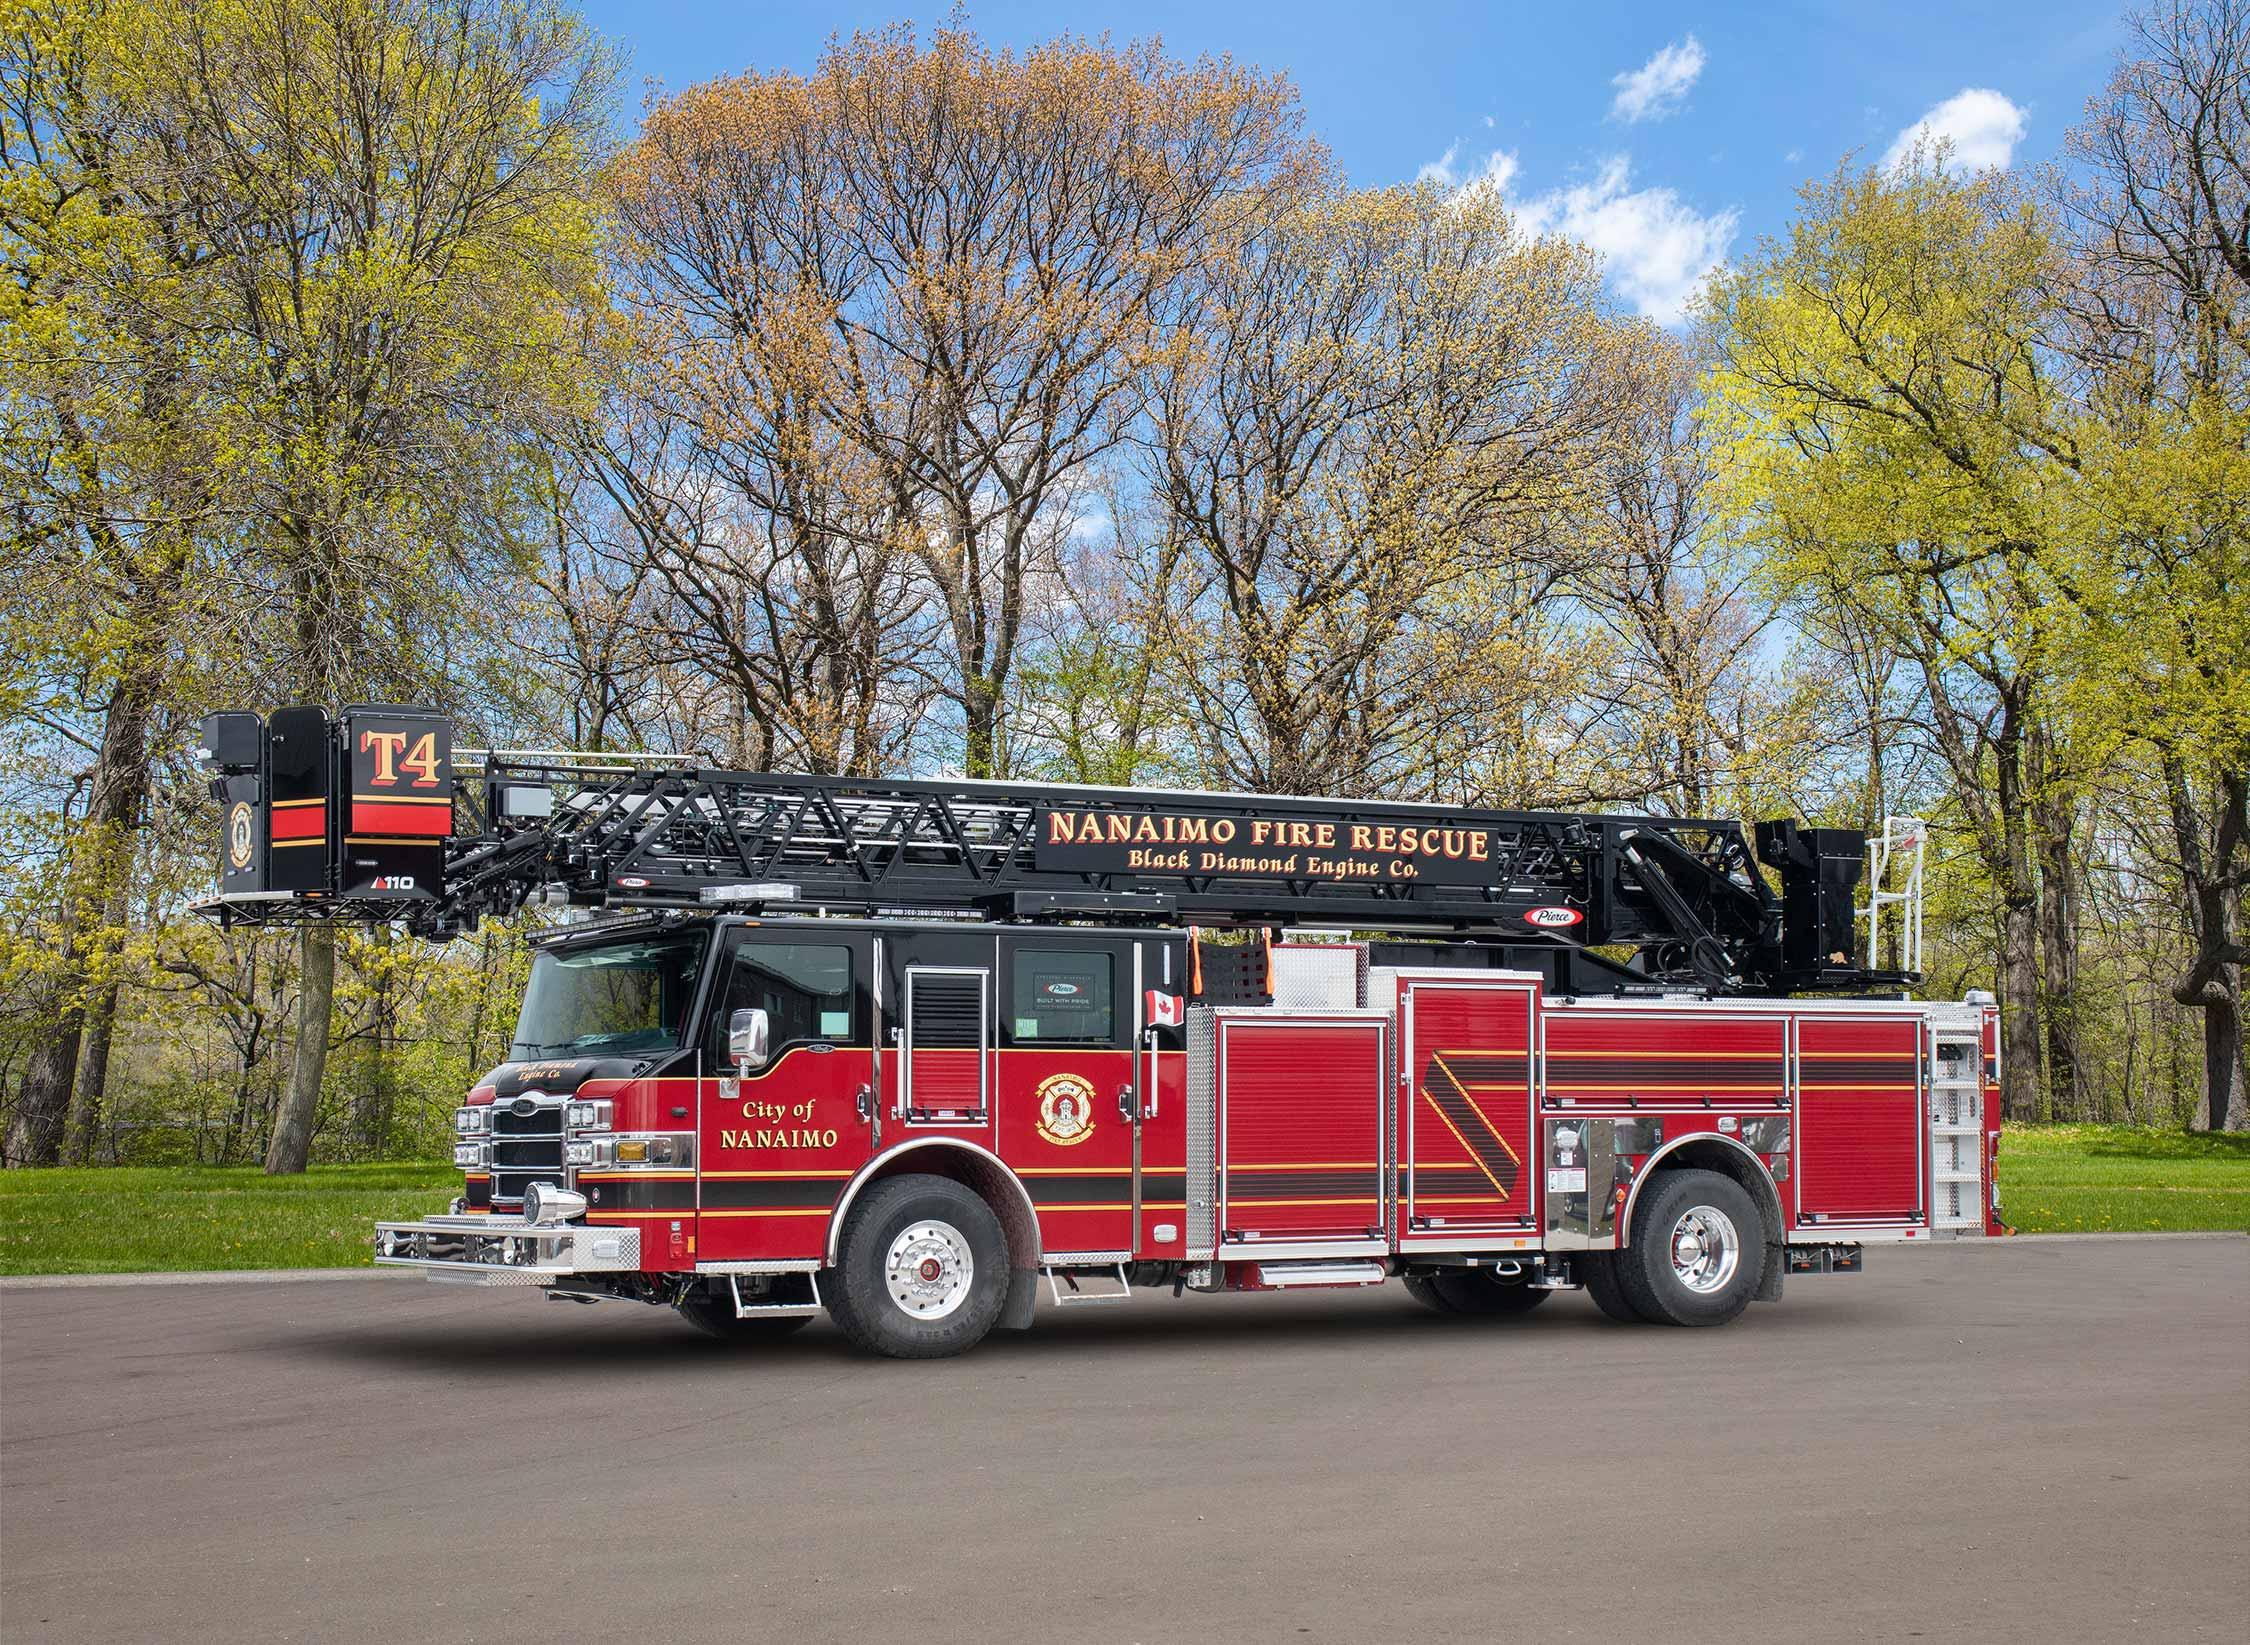 Nanaimo Fire Rescue - Aerial